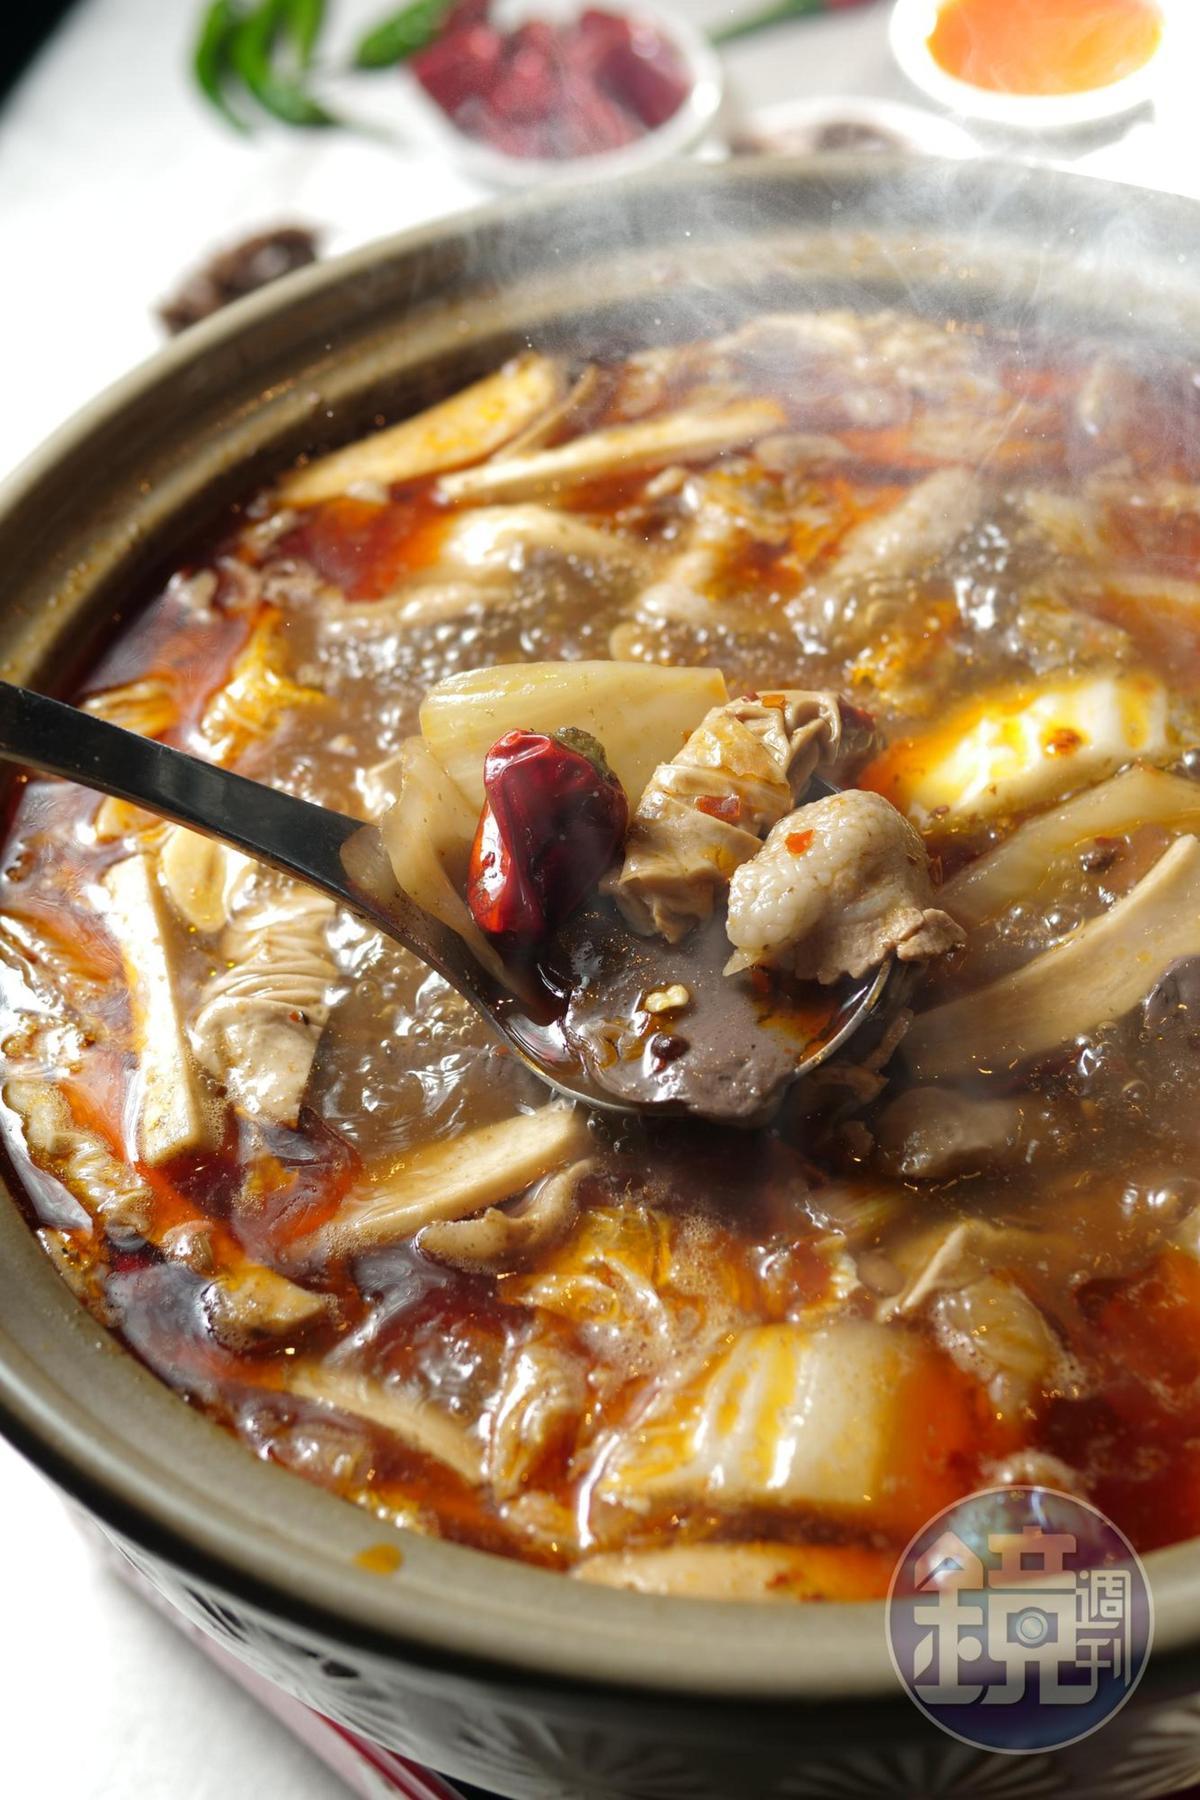 冒菜鍋裡好料多,肉片、腸頭、蔬菜鮮甜全煮進湯裡。